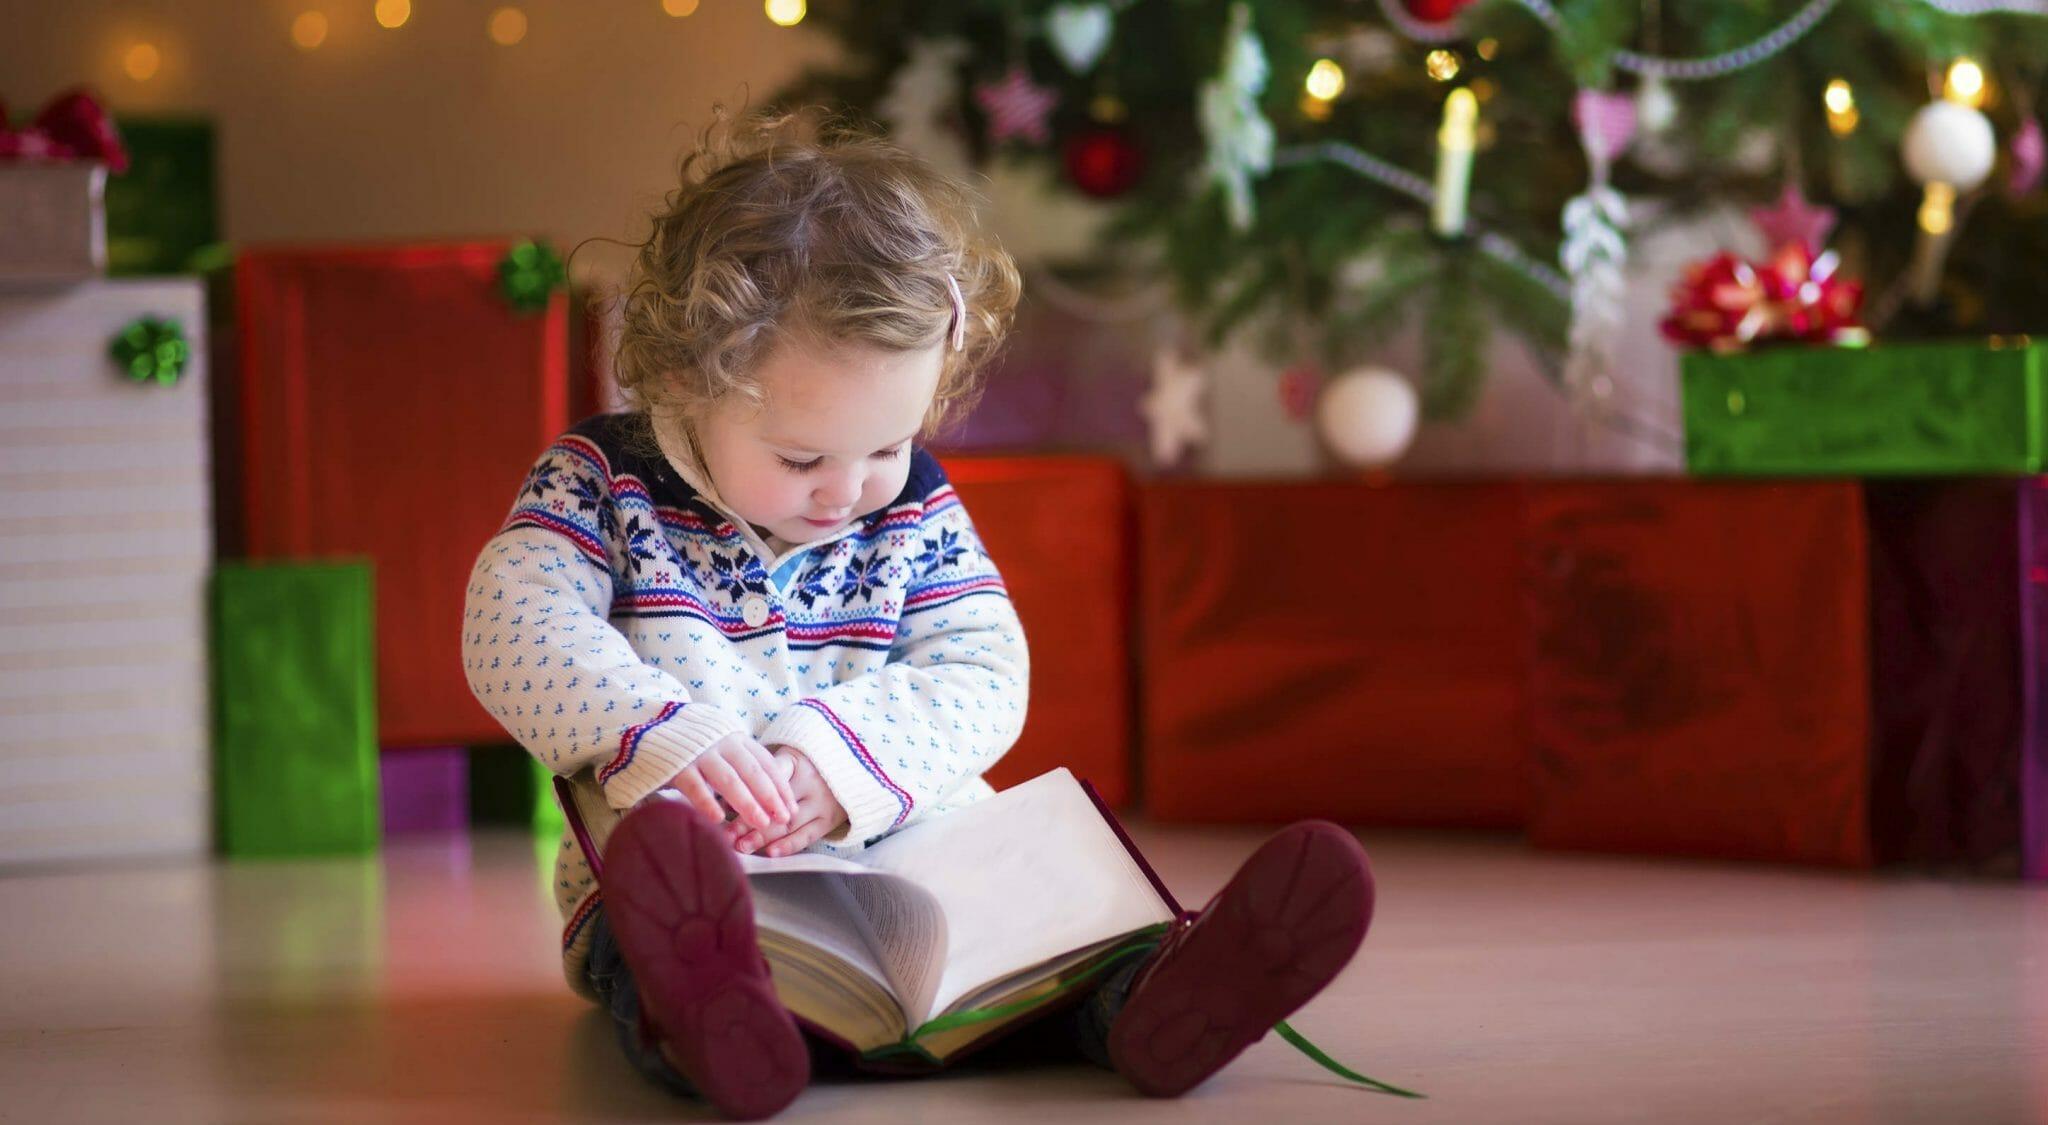 Auguri Di Natale Ai Consuoceri.Cosa Regalare Per Natale Ai Consuoceri Disegni Di Natale 2019